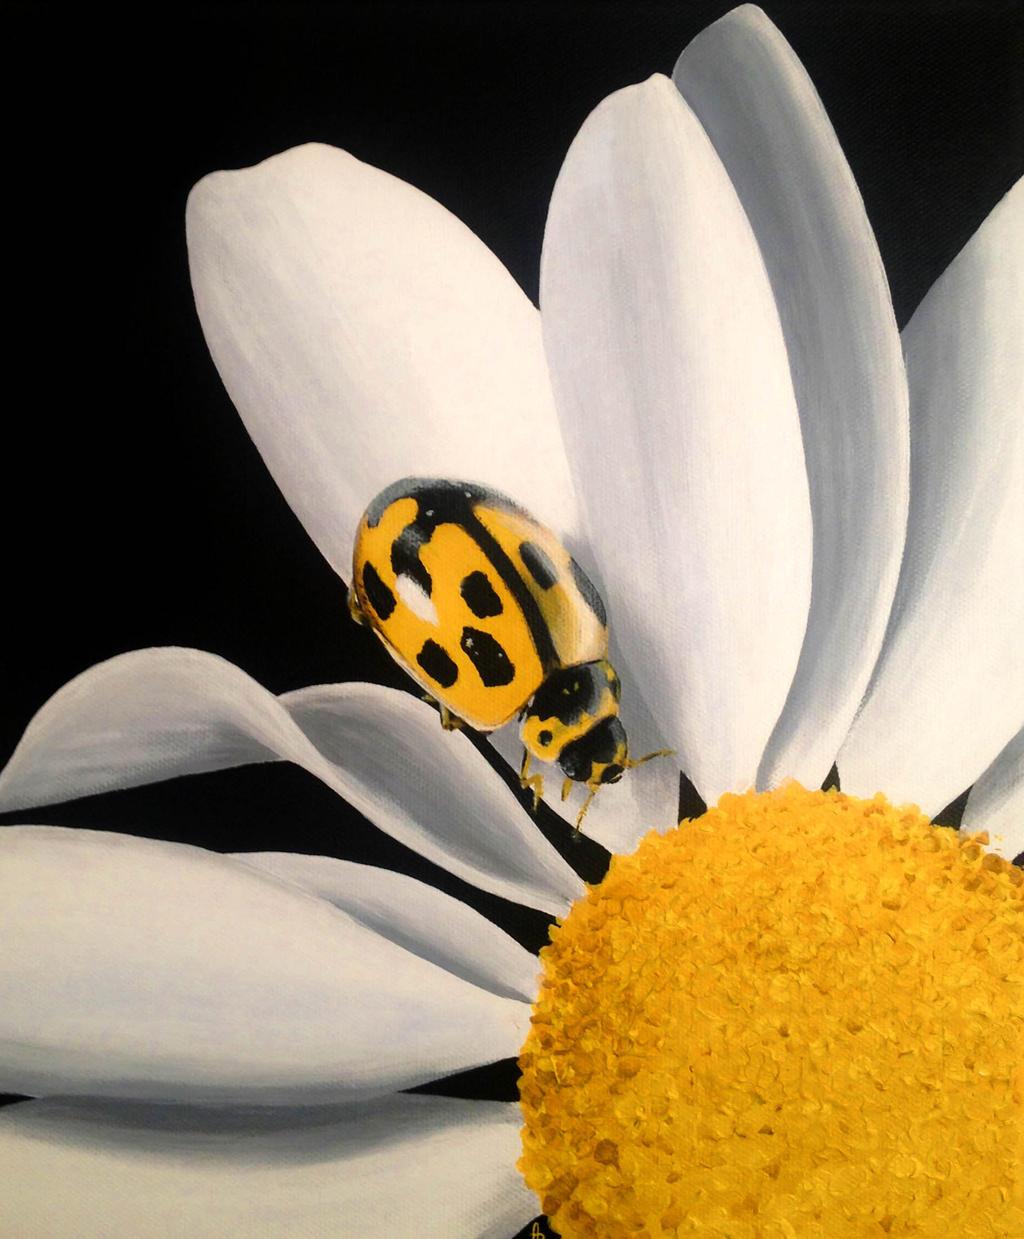 Yellow ladybird by Li-Soro